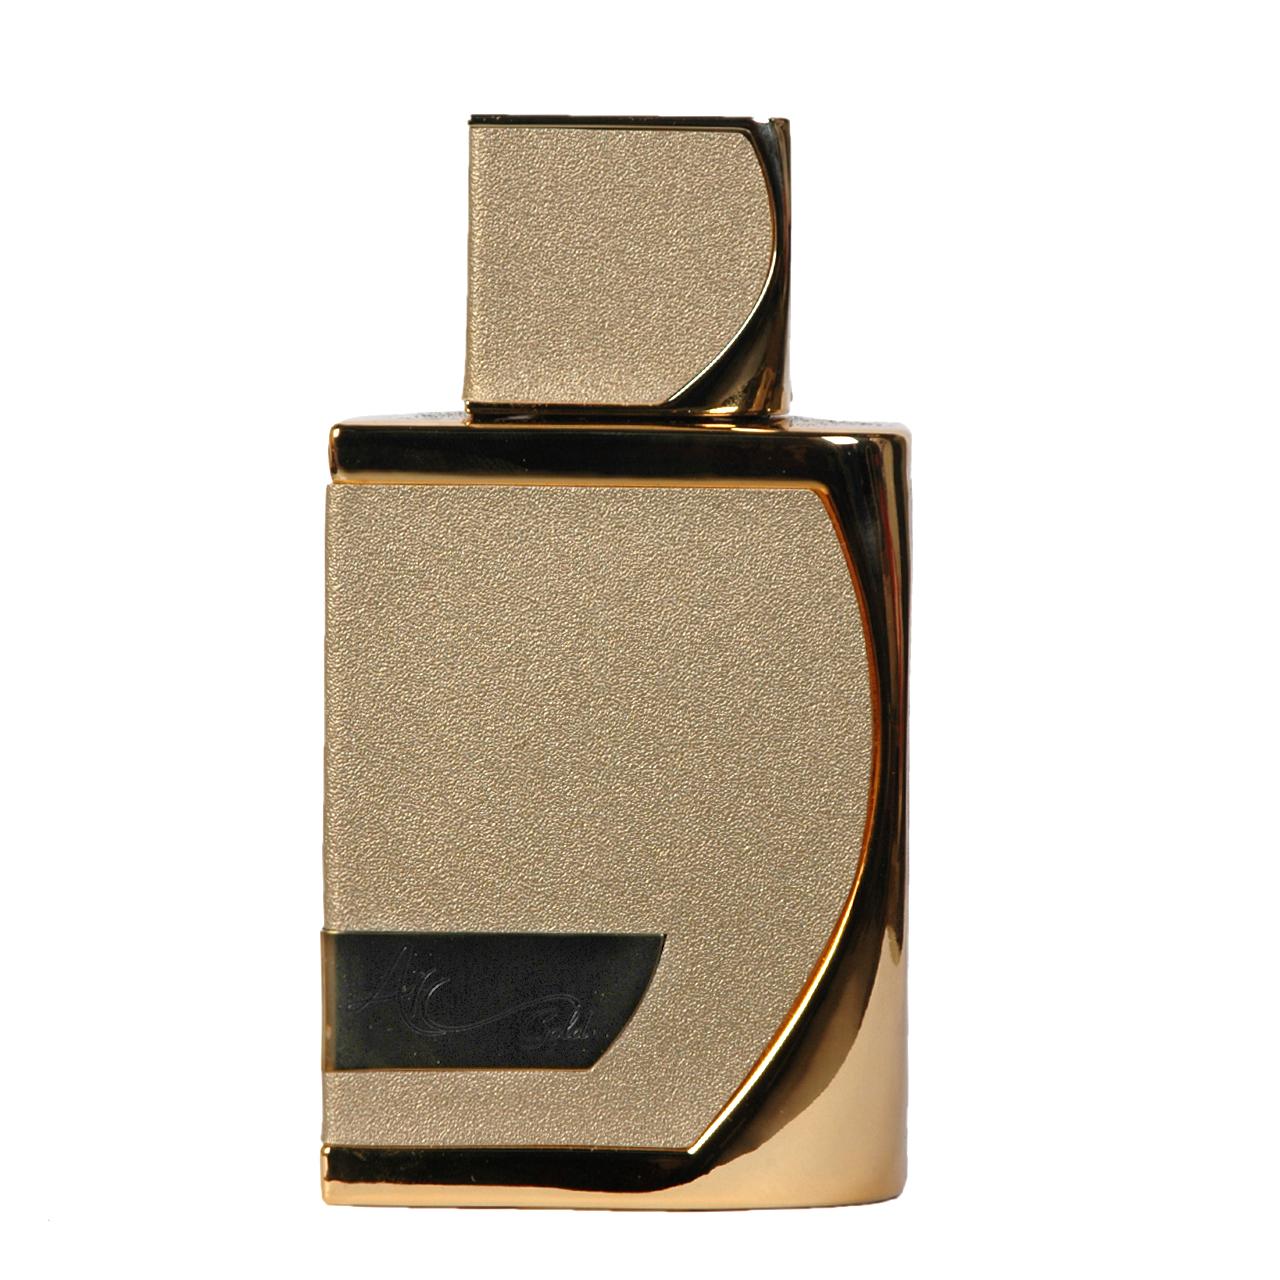 ادوپرفیوم مردانه بیجورکا مدل Arc Gold حجم 100 میلی لیتر